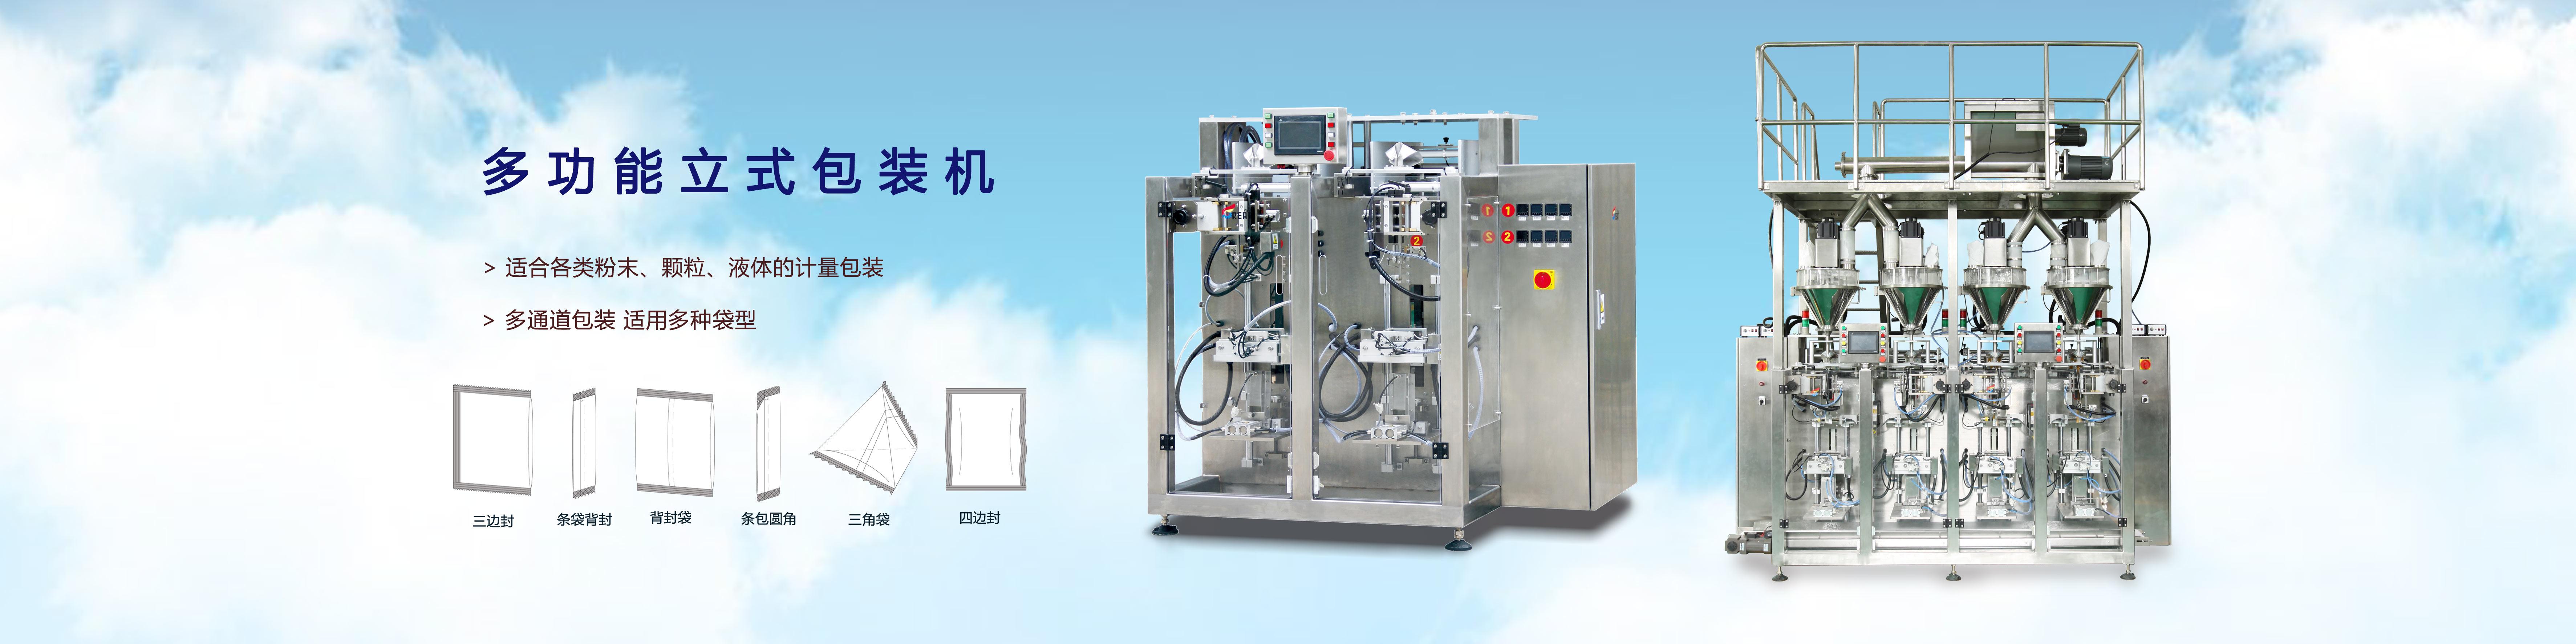 戈瑞特食品包装机械